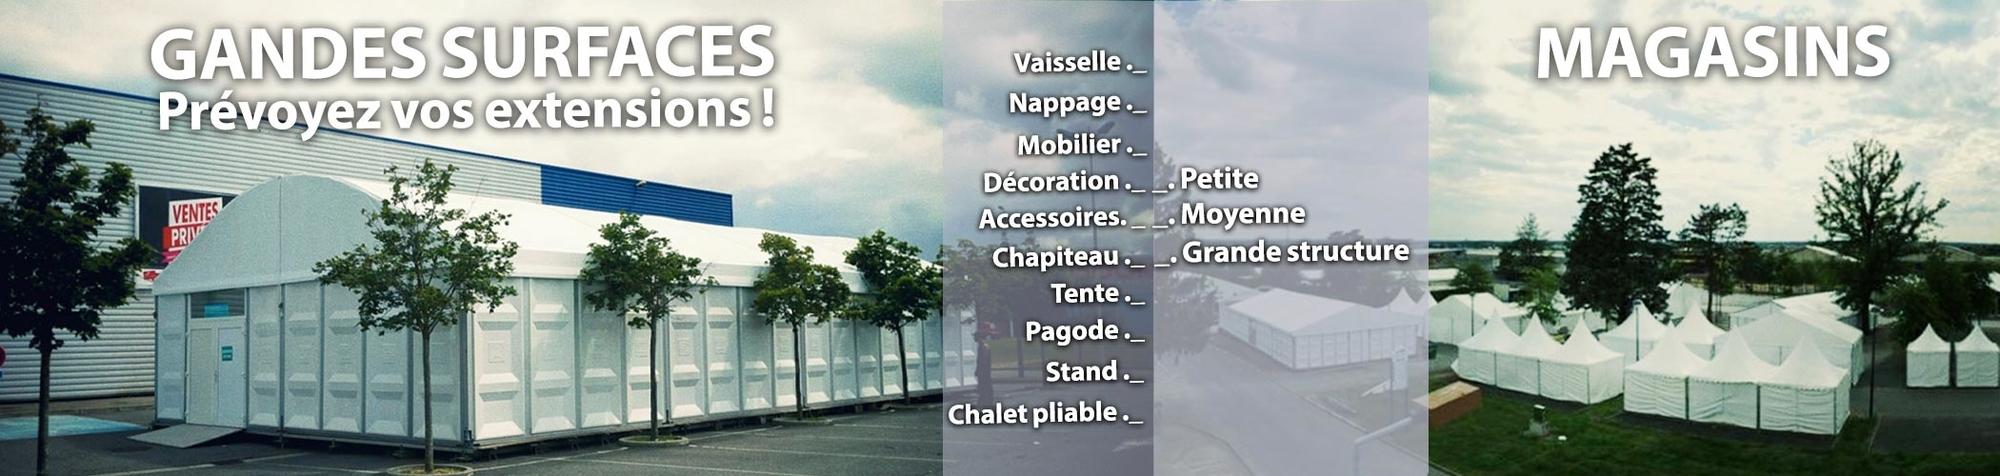 Grandes surfaces et magasins, prévoyez vos extensions avec des petites, moyennes et grandes structures !